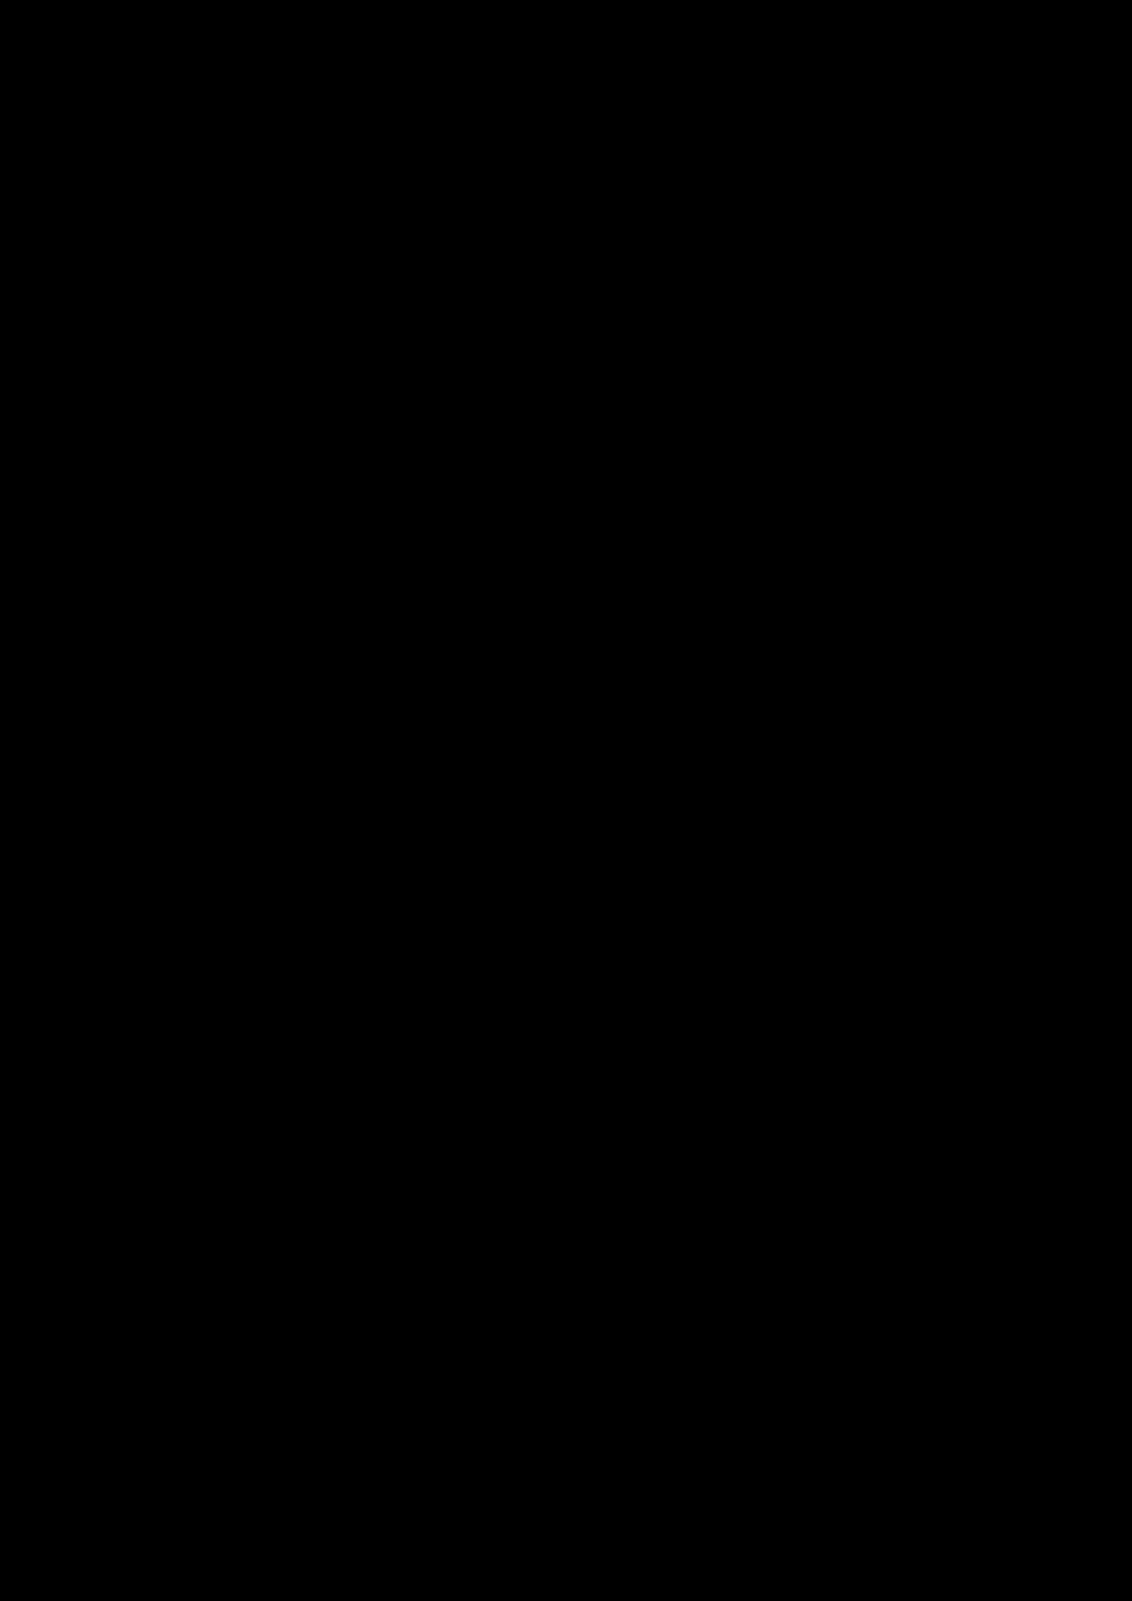 Osobyiy rezon slide, Image 5